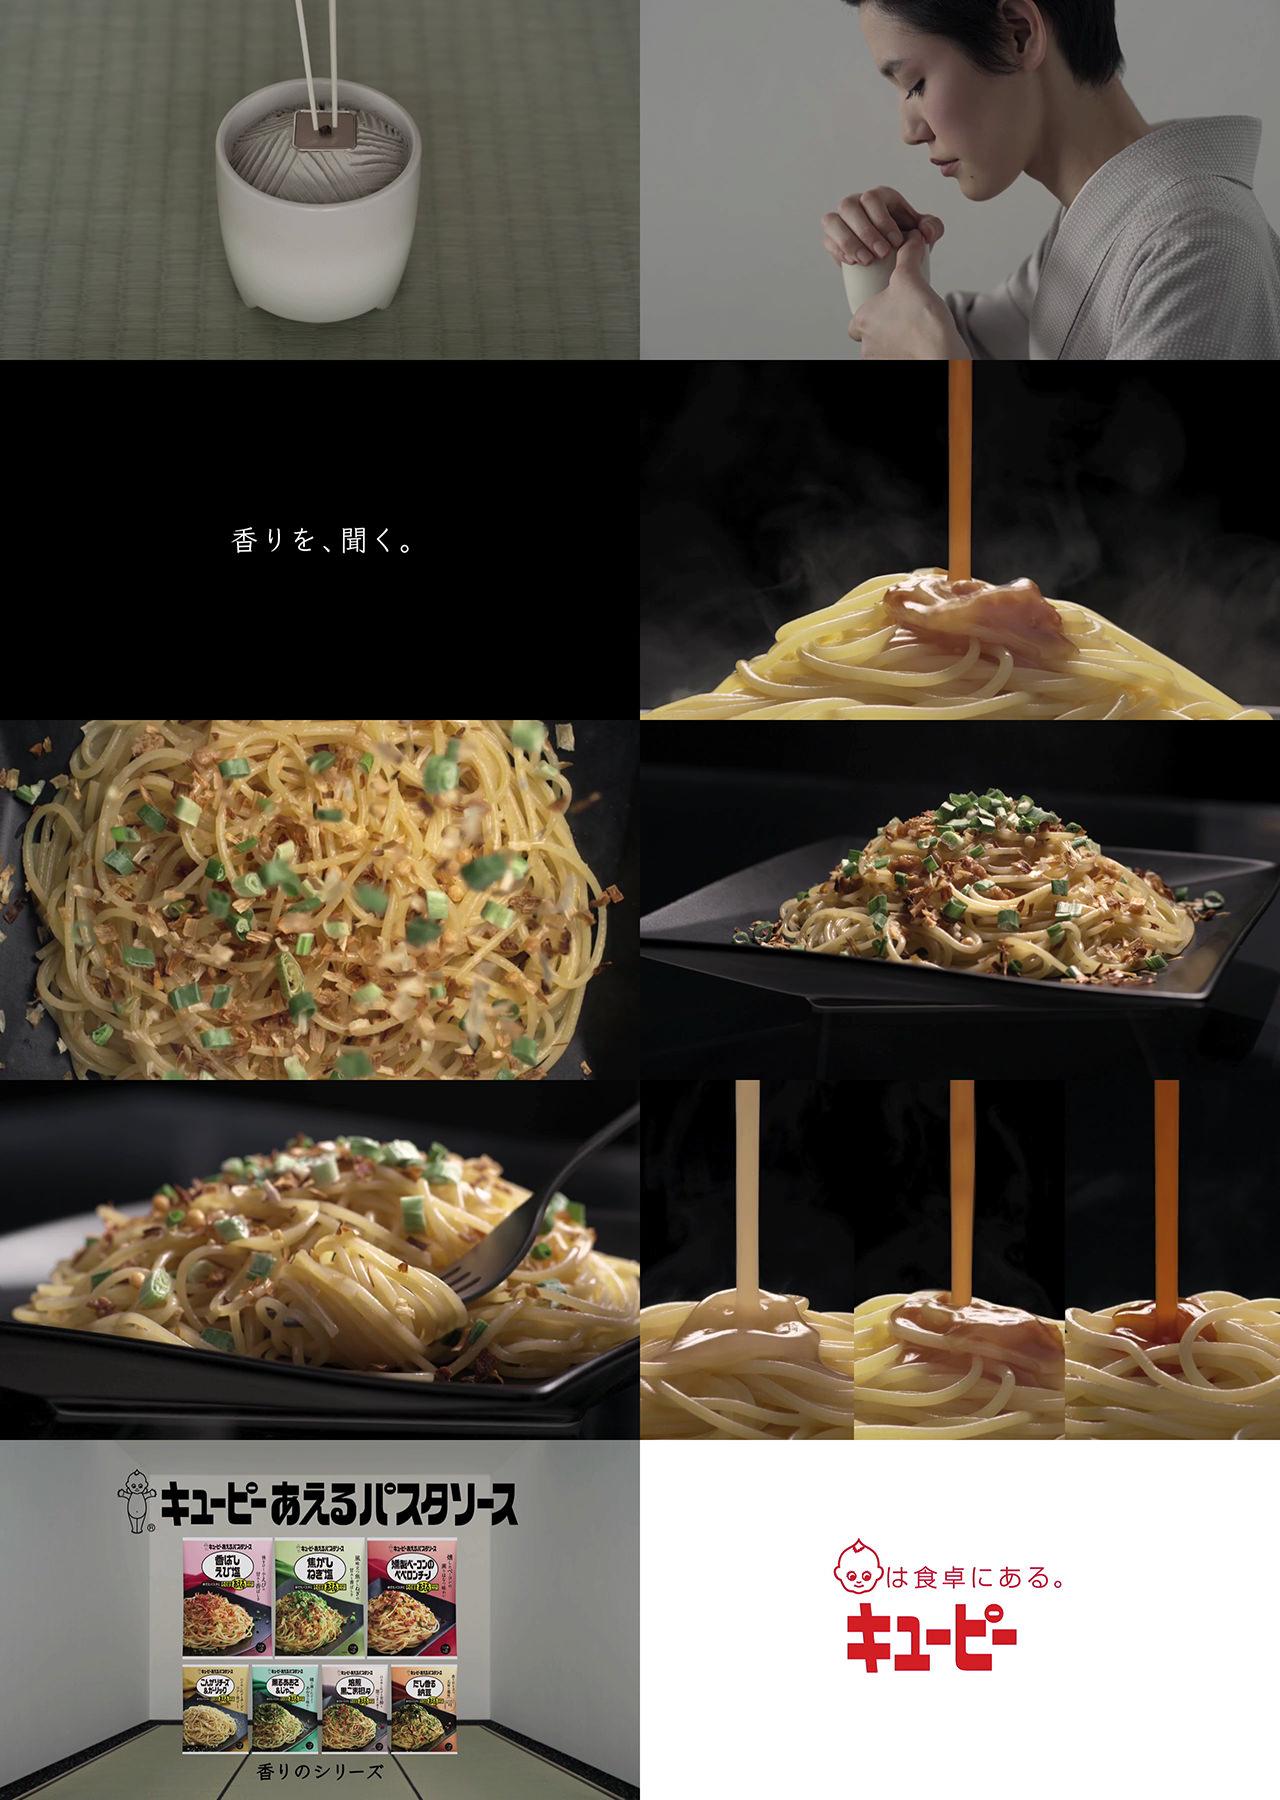 161003_kewpie_pasta